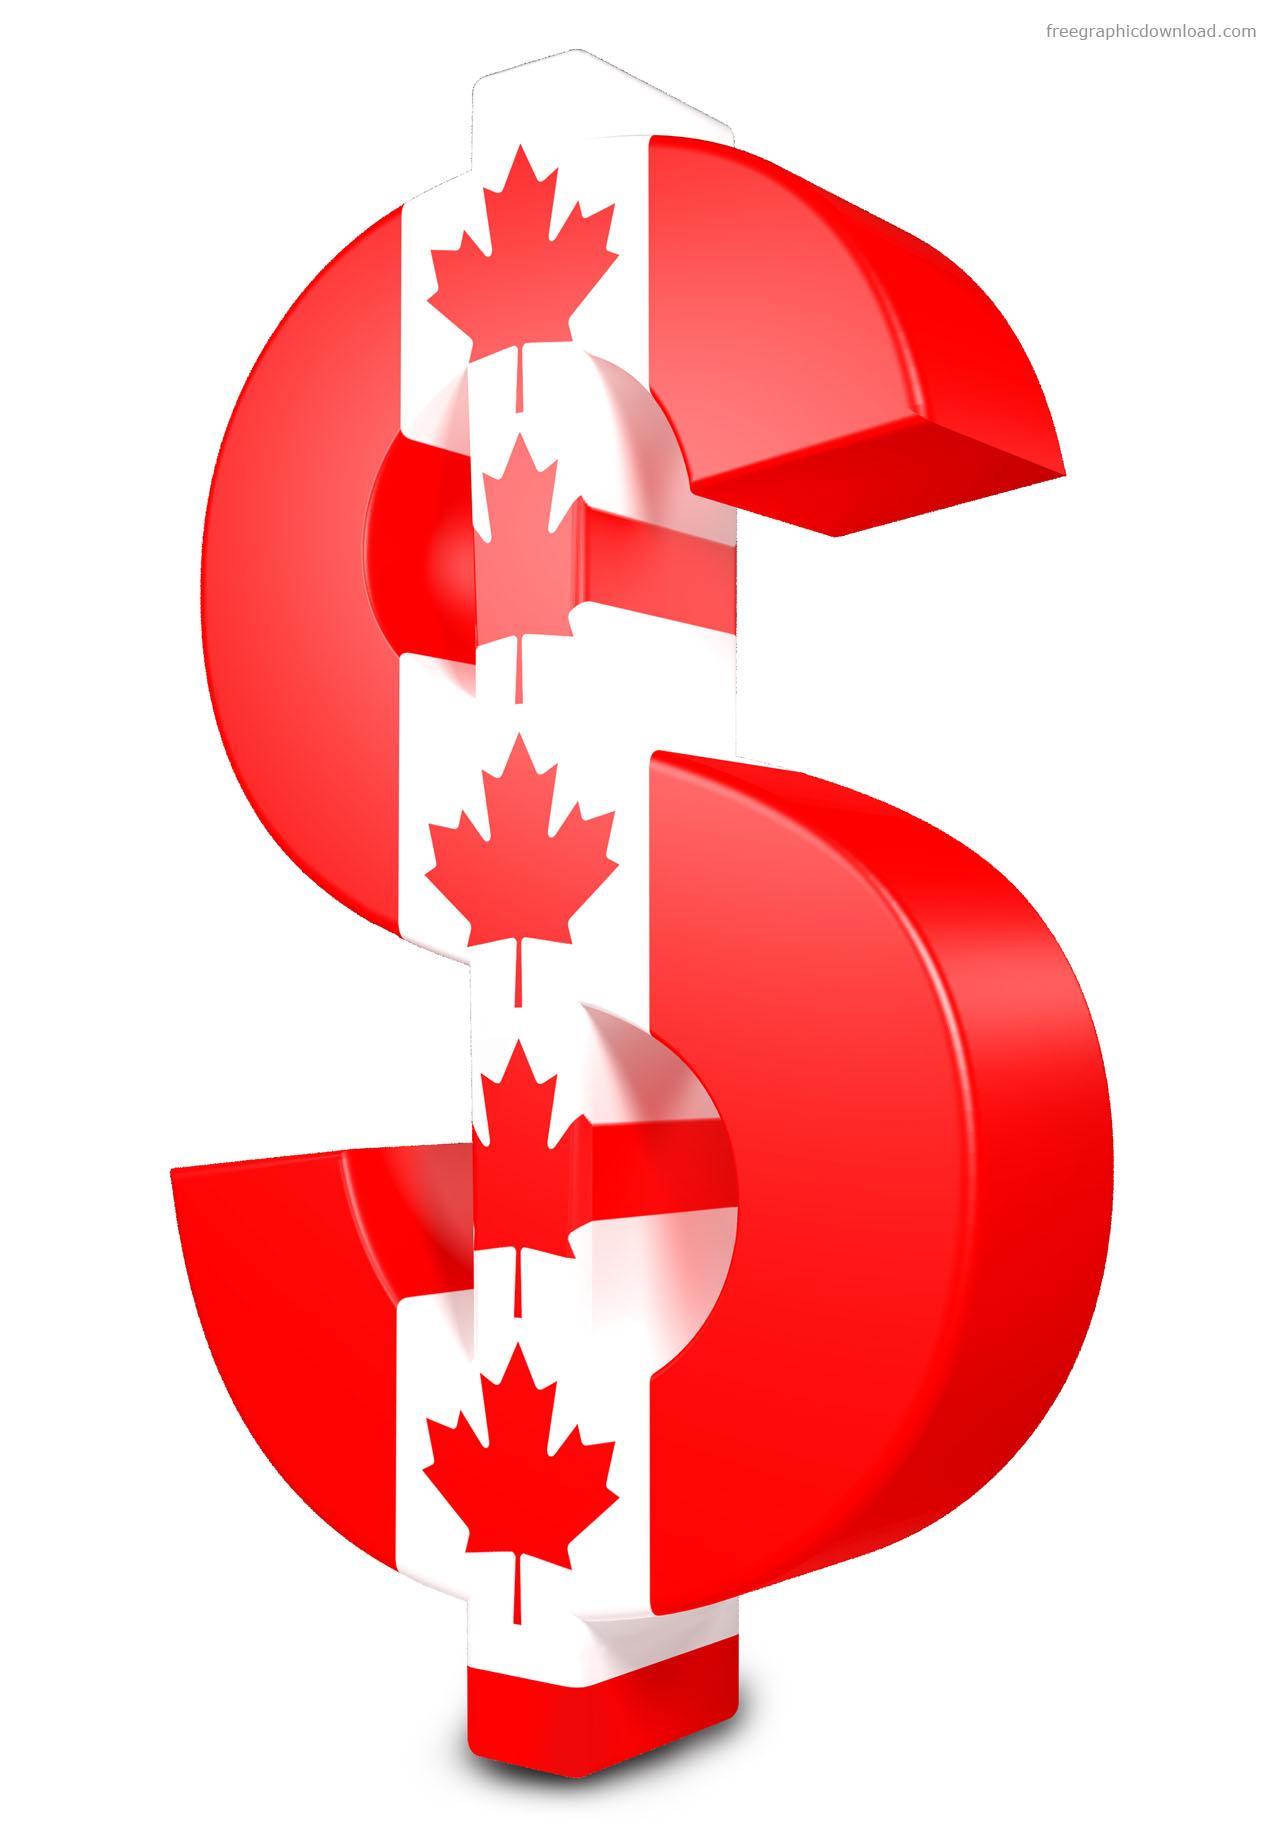 صعود الدولار الكندي قد يكون مؤقتاً